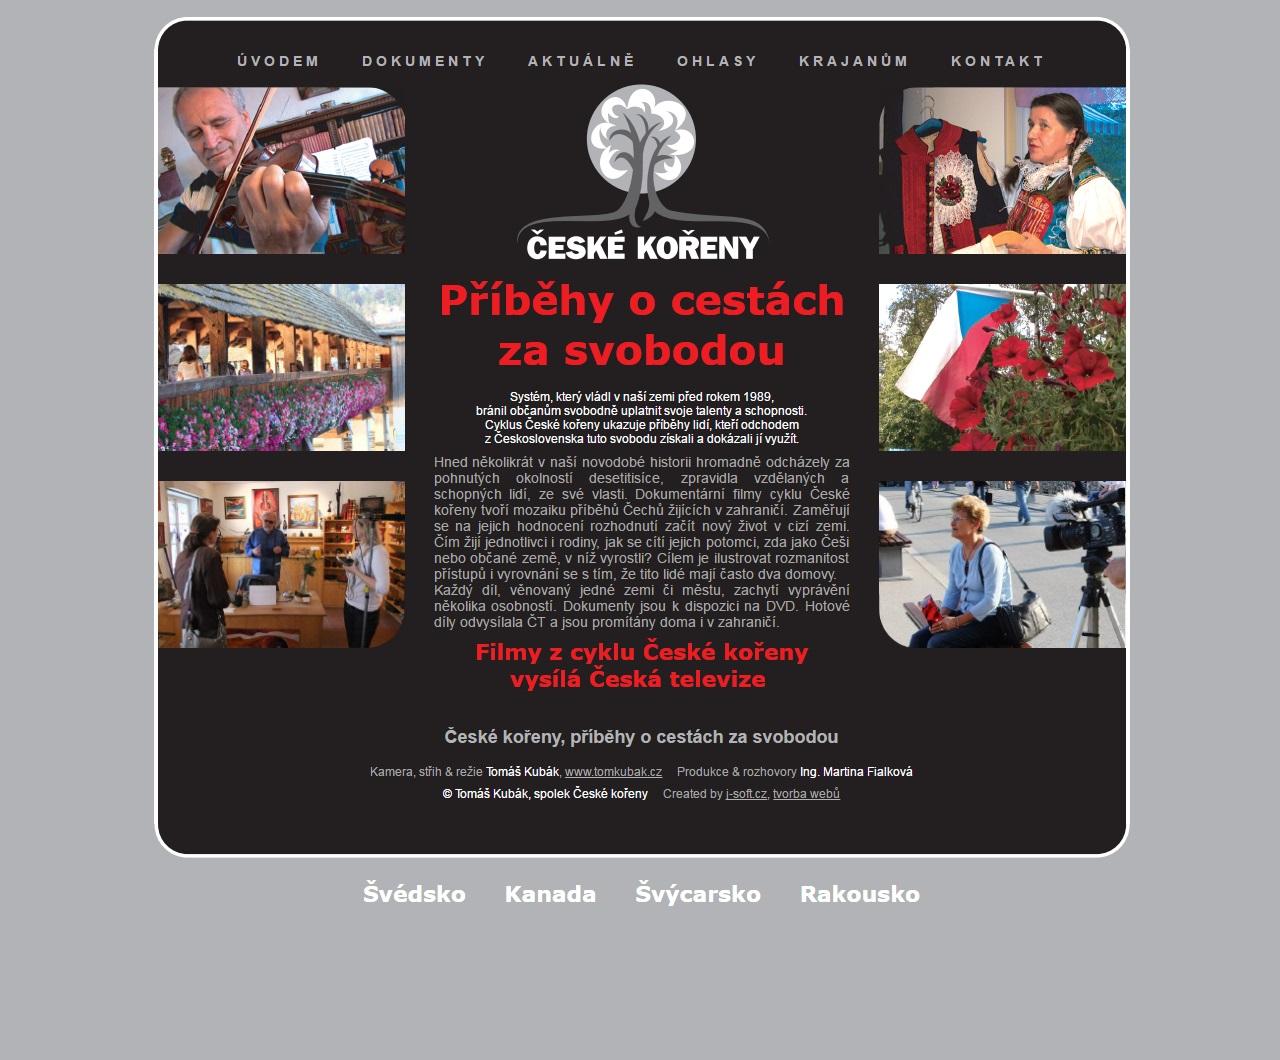 Ceskekoreny.cz